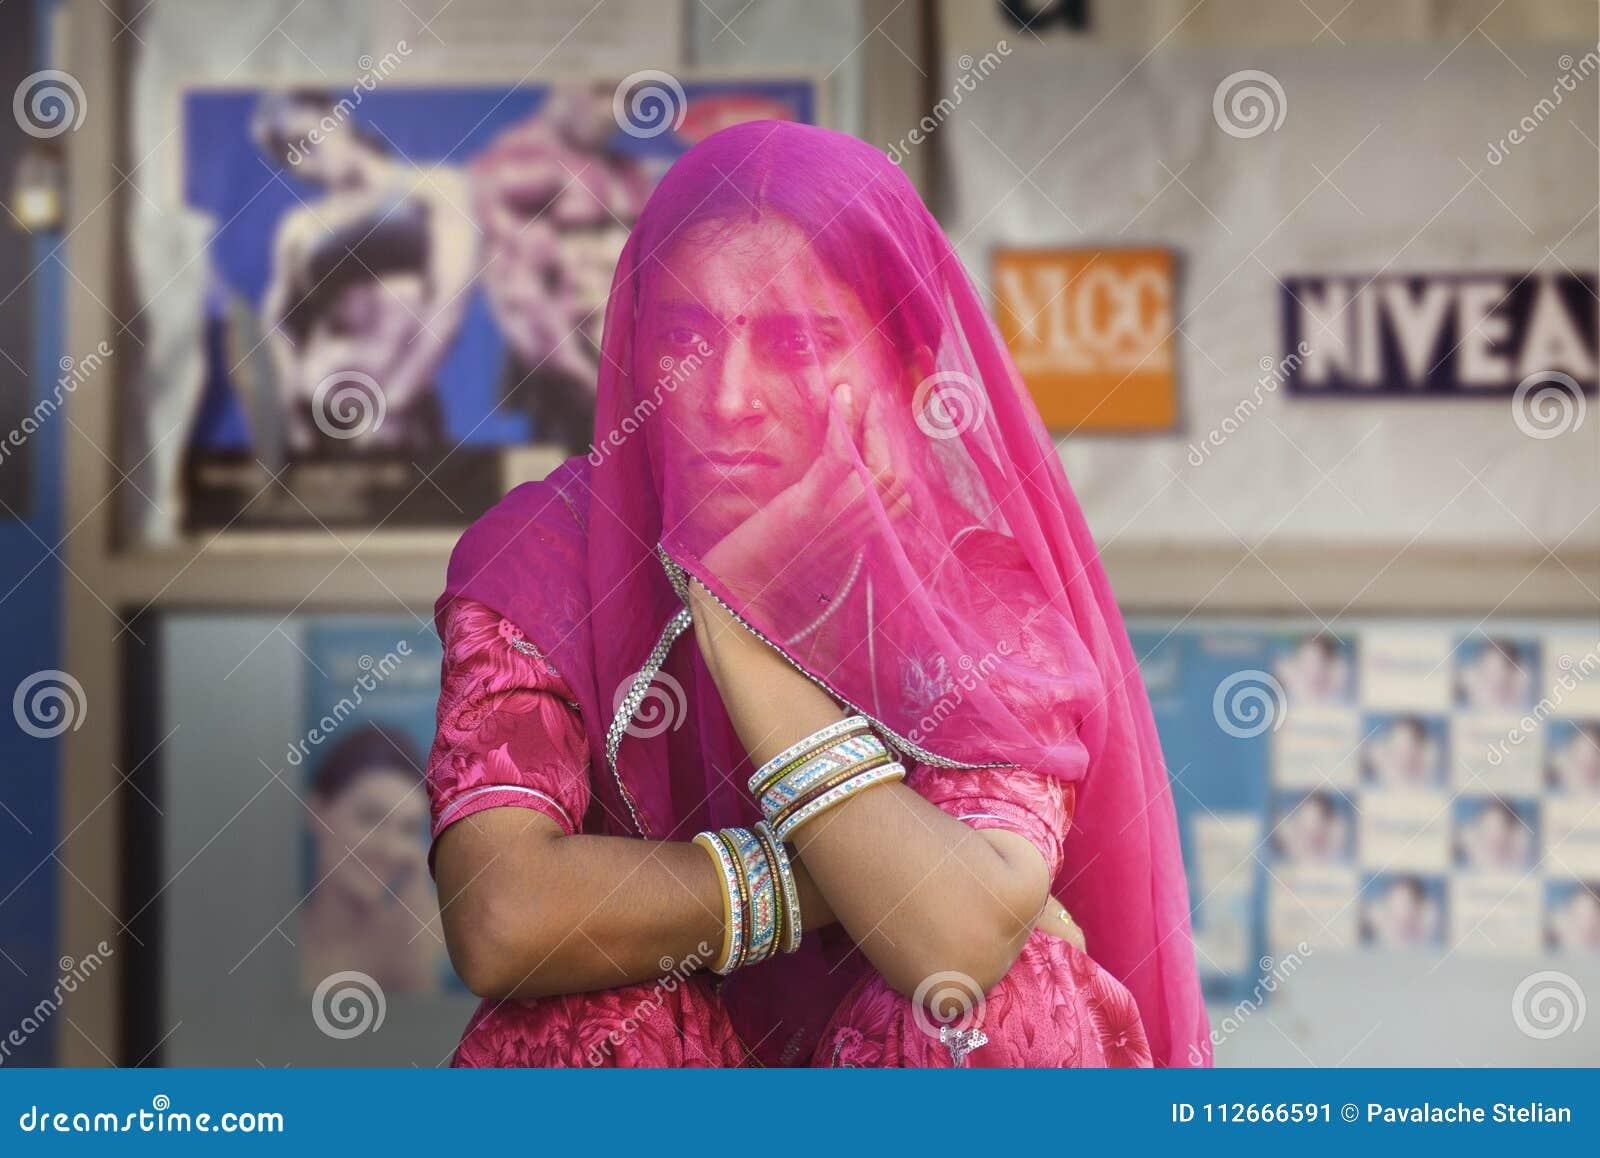 Hindoese vrouwen omvat door een violette sjaal van een conservatieve fam voor een aanplakbordhoogtepunt van beelden van vrouwen i